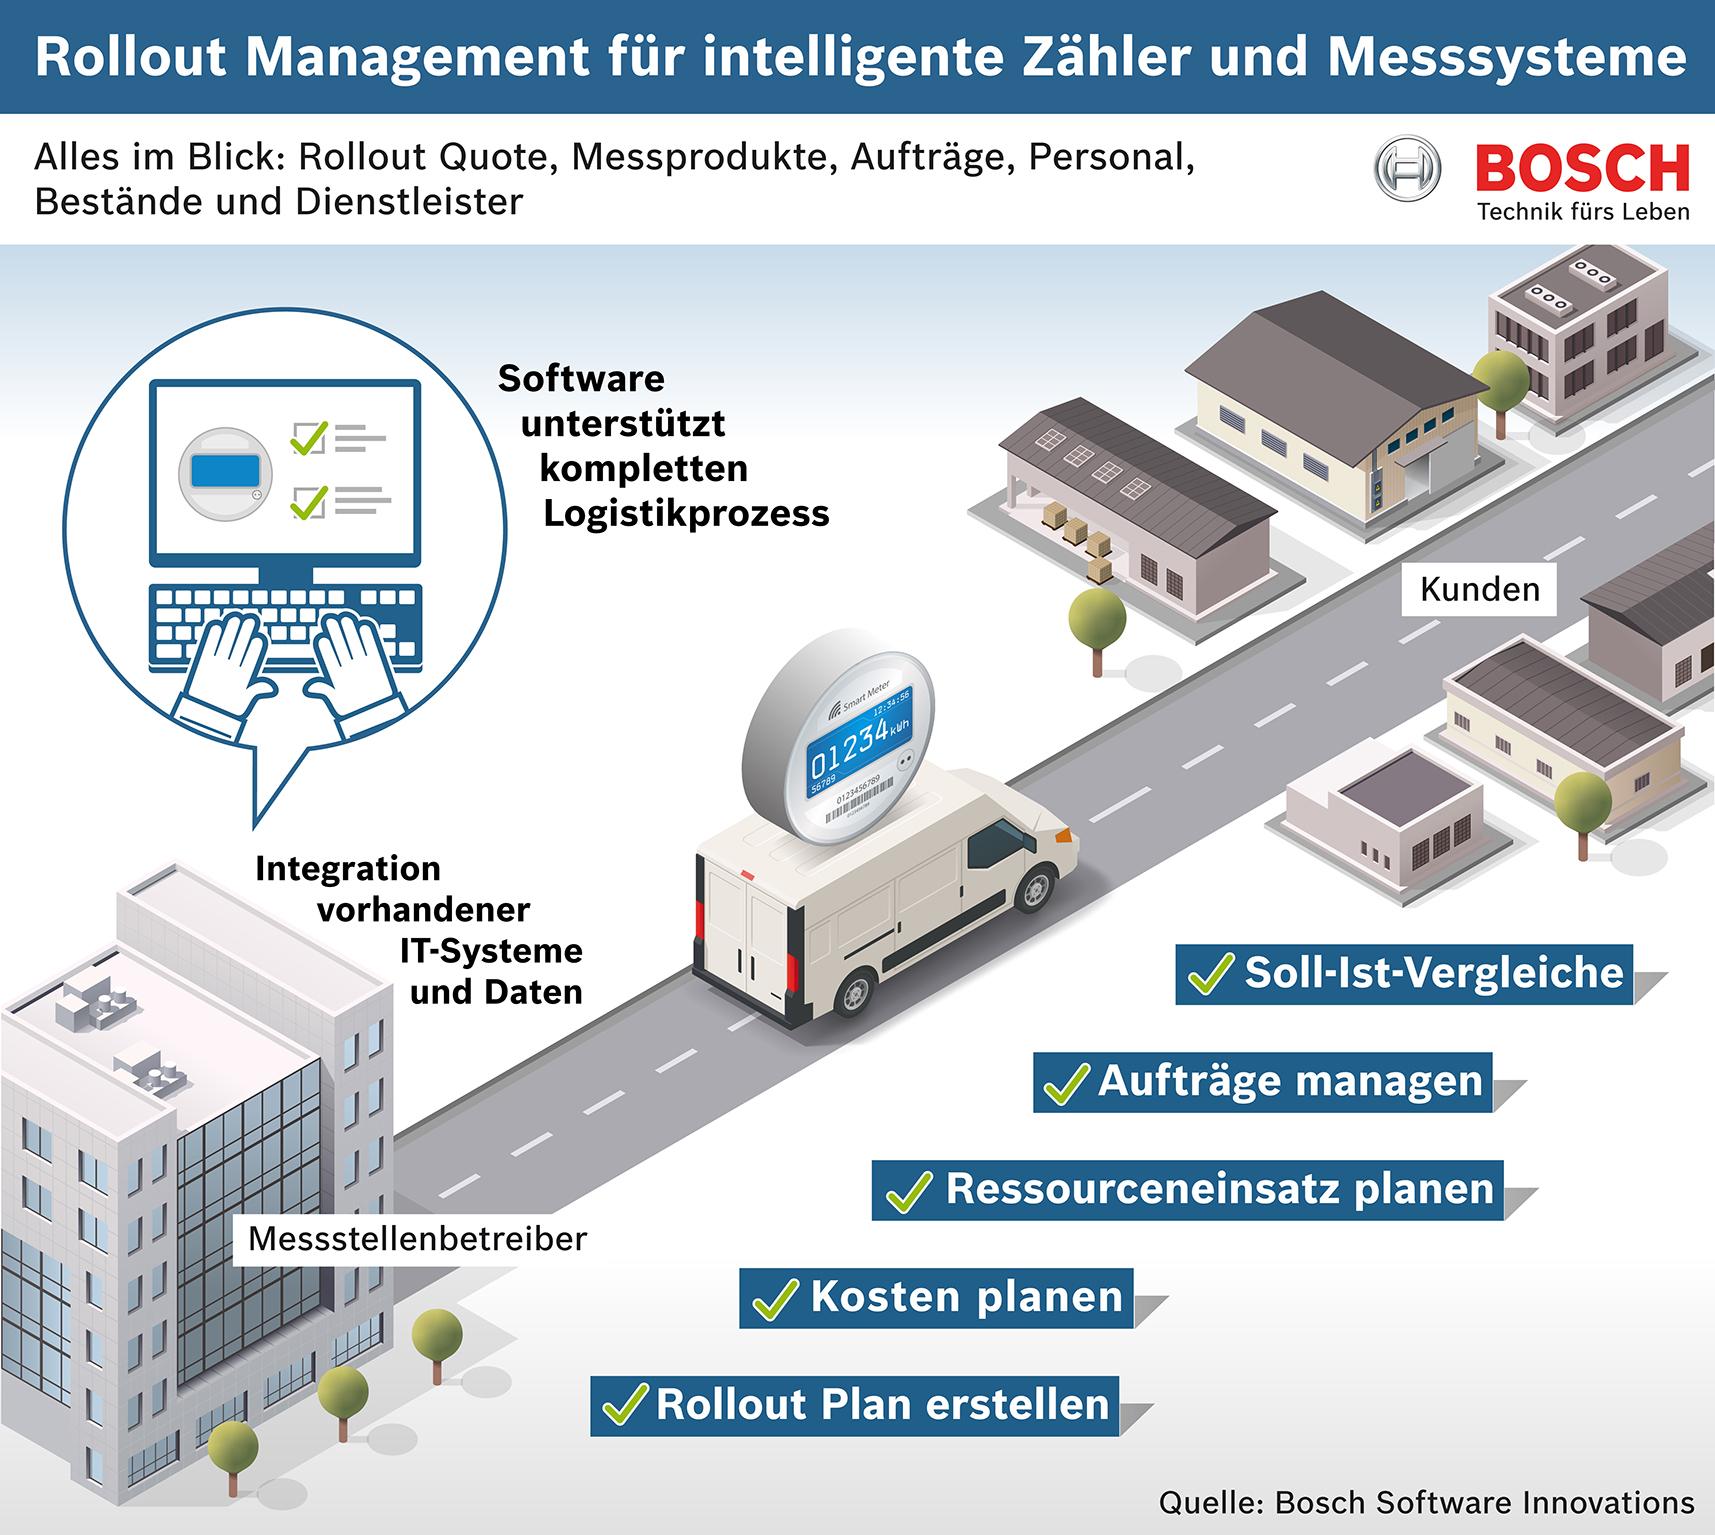 Rollout Management für intelligente Zähler und Messsysteme